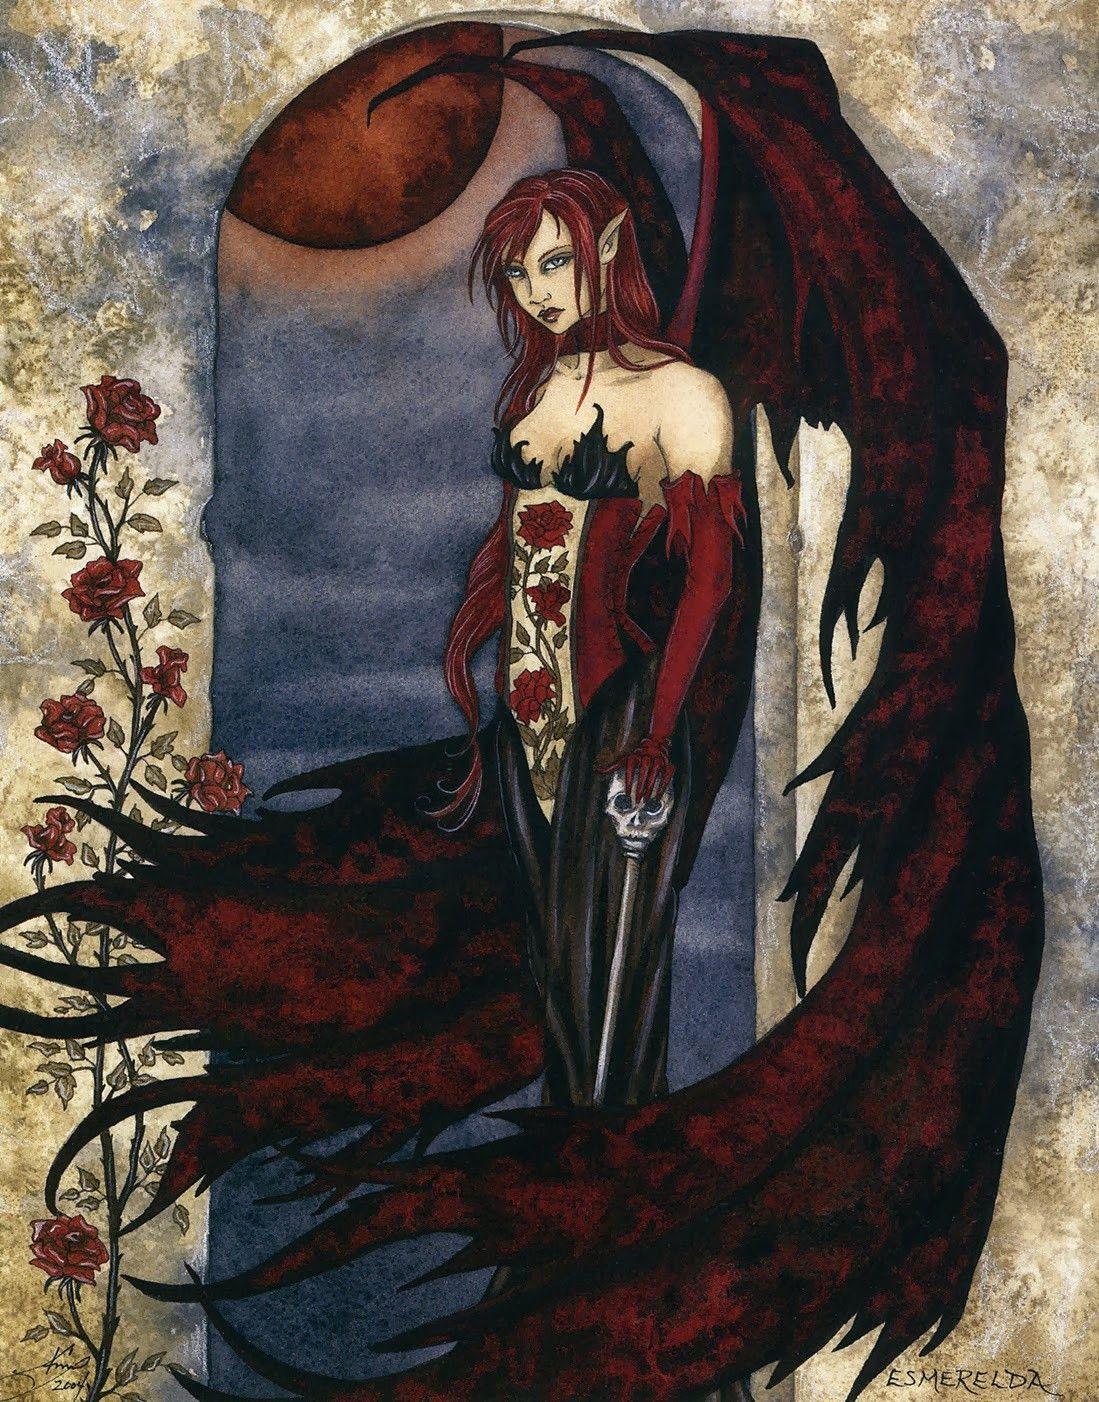 Amy Brown Esmerelda Gothic Ceramic Tile Art Fairies And Elves